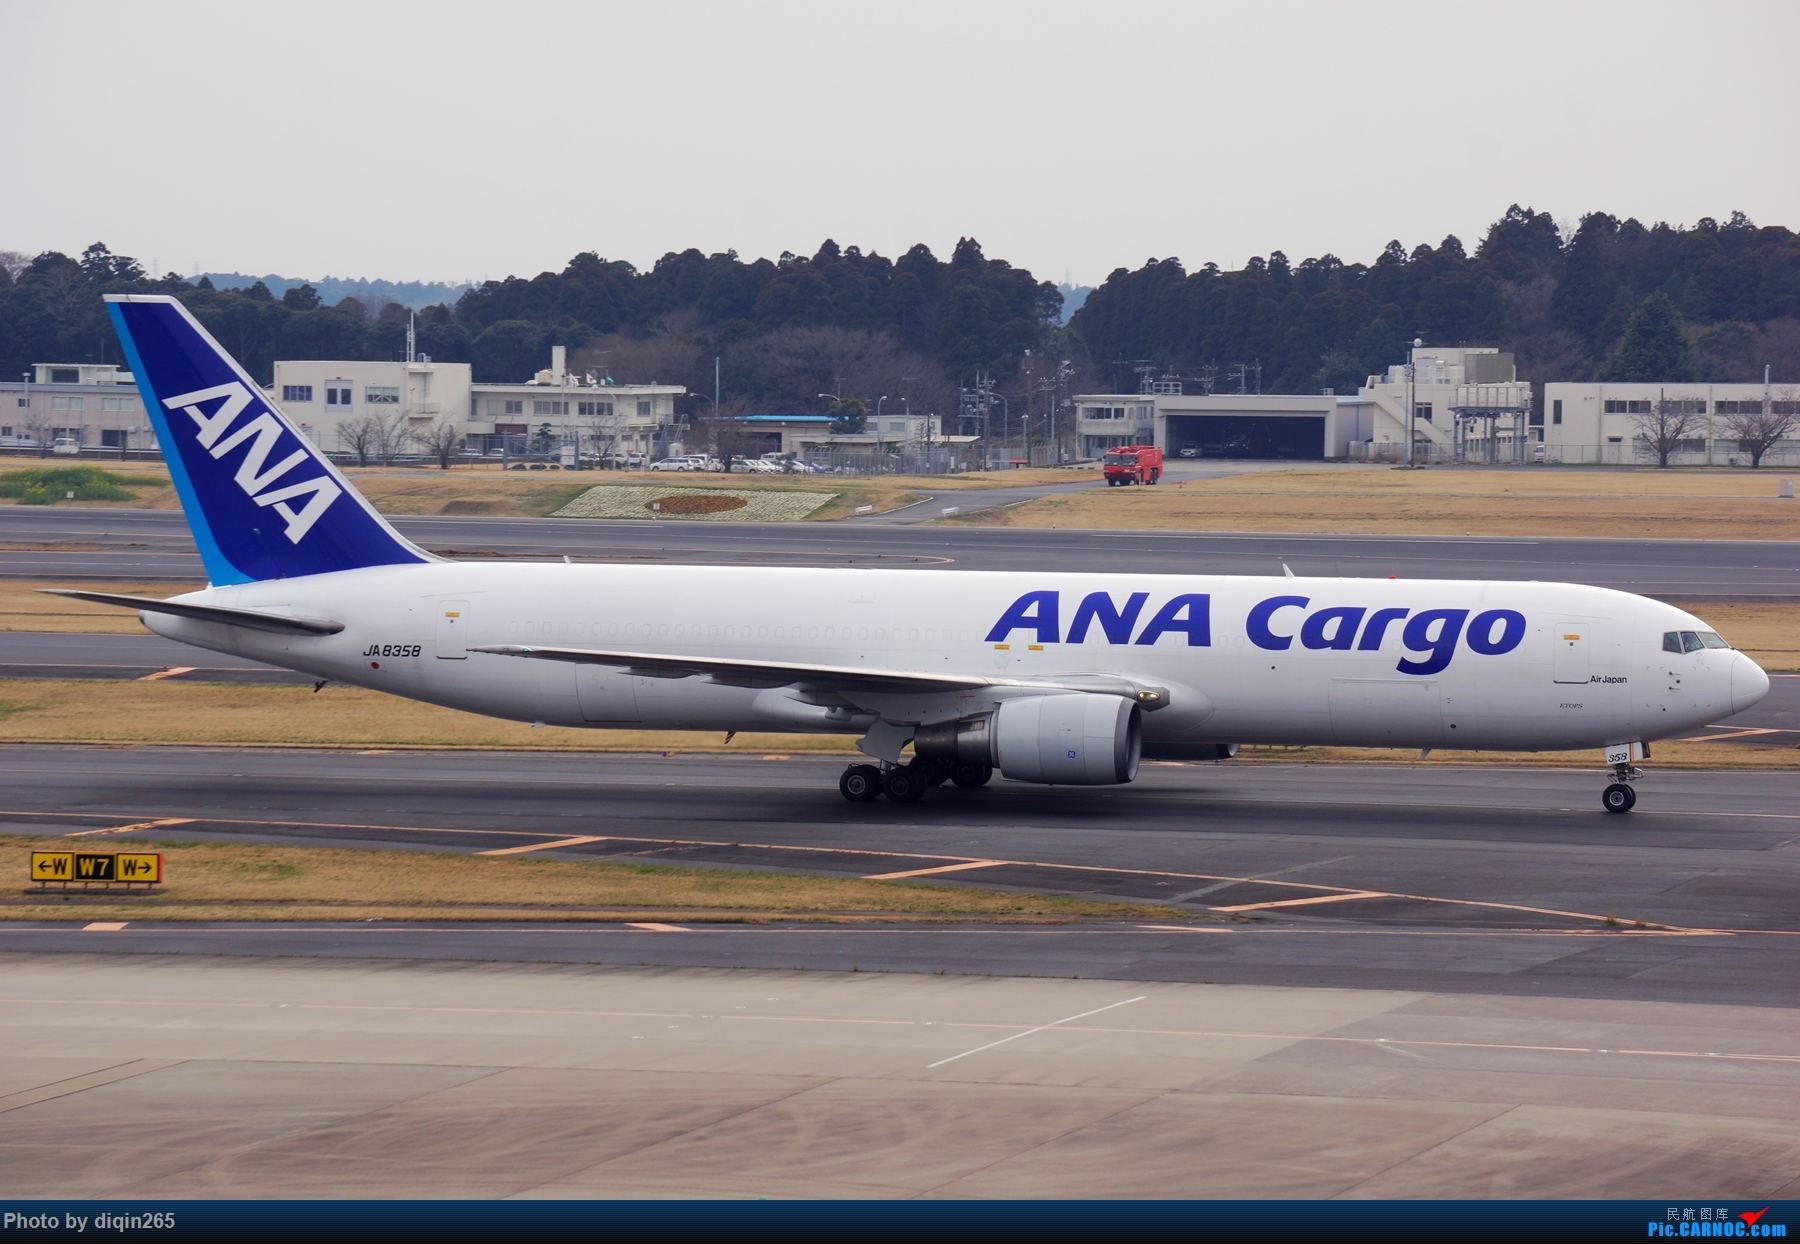 boeing 767 ja8358 日本東京成田機場 re:成田掃貨